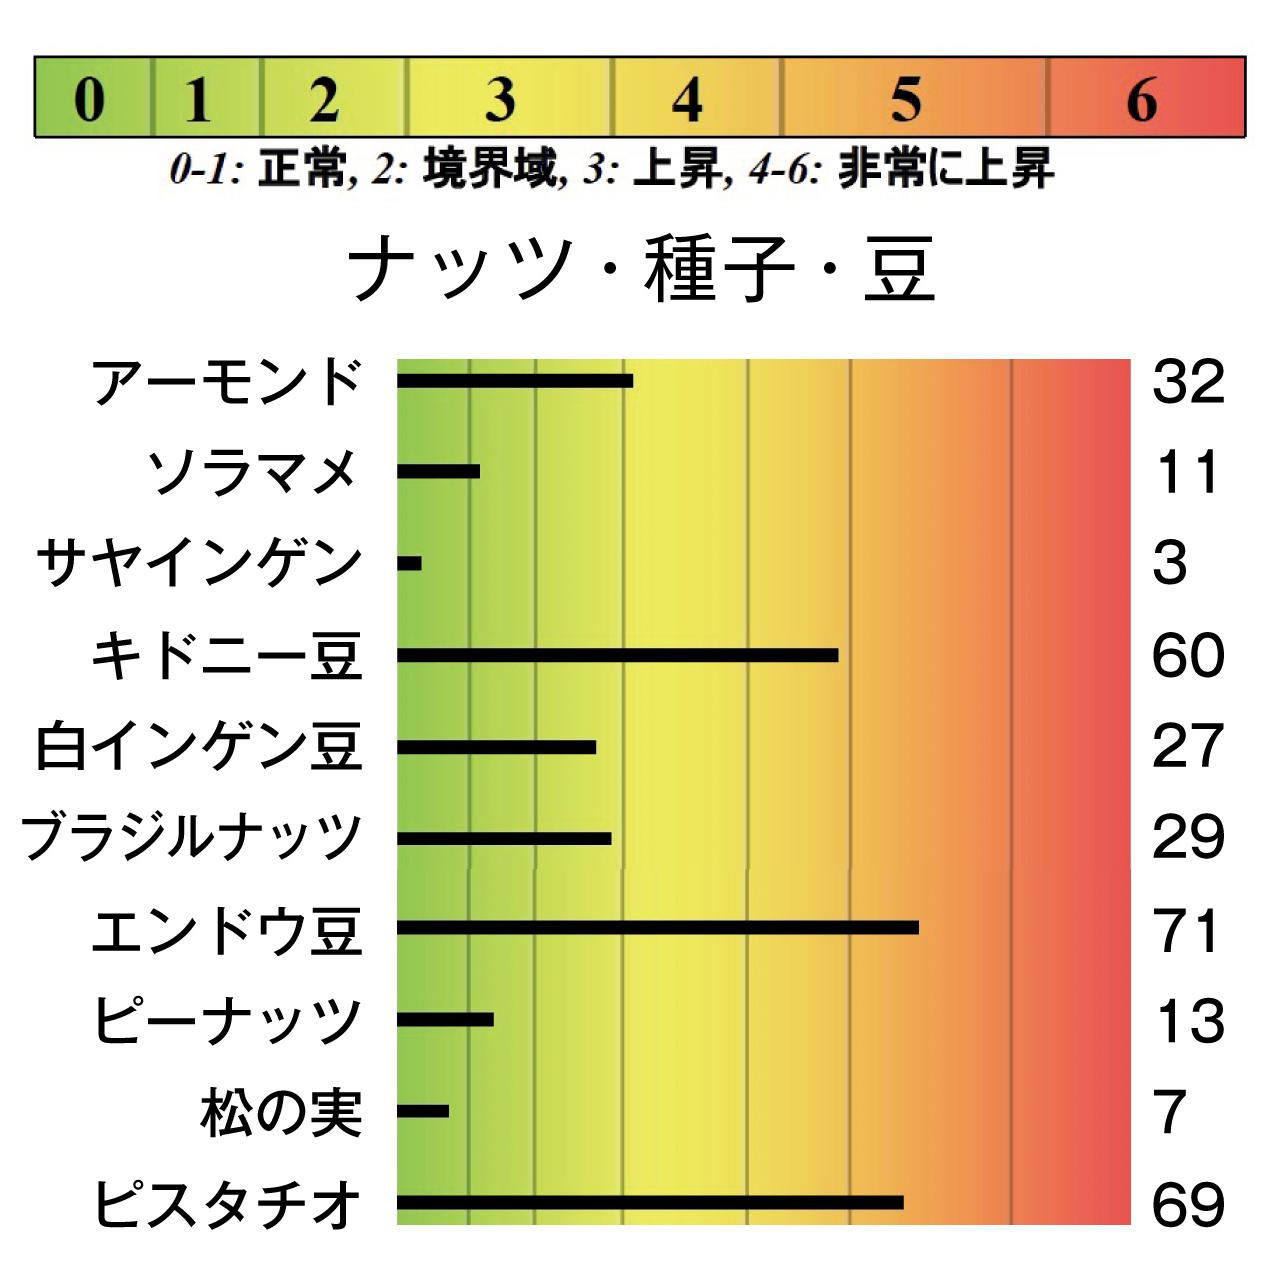 ナッツ・豆・種子アレルギー検査結果